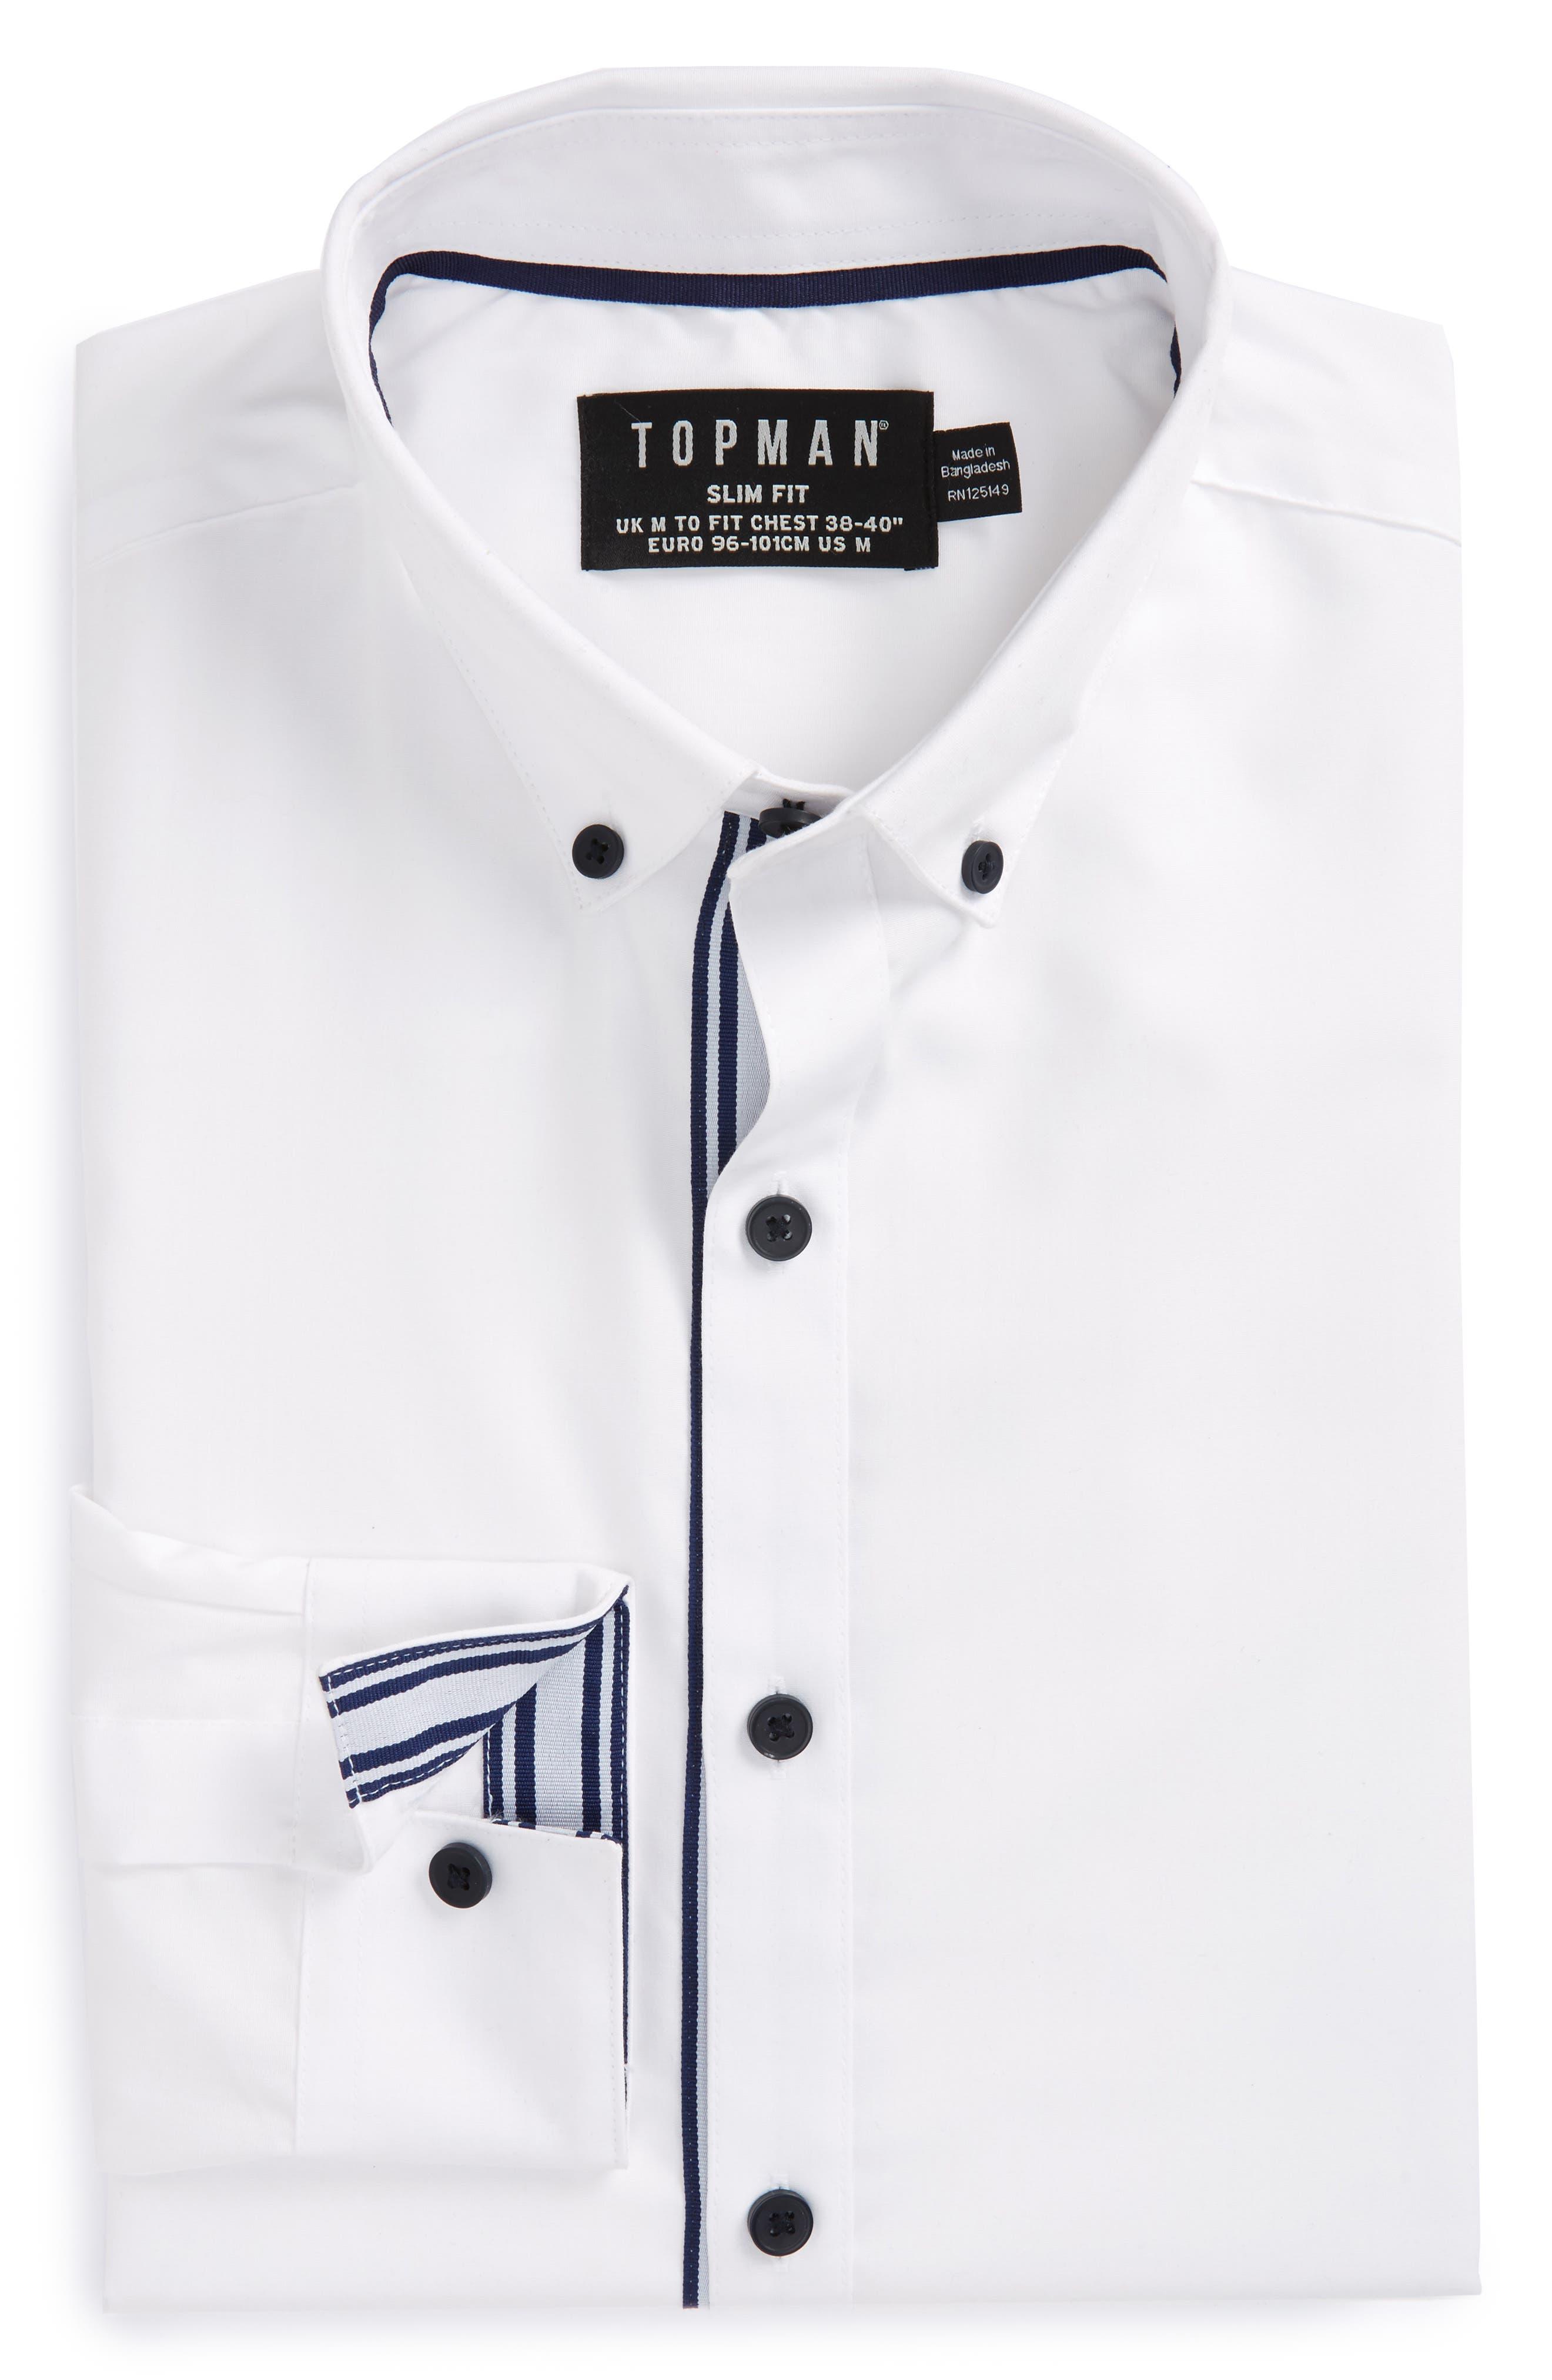 Topman Slim Fit Taped Shirt